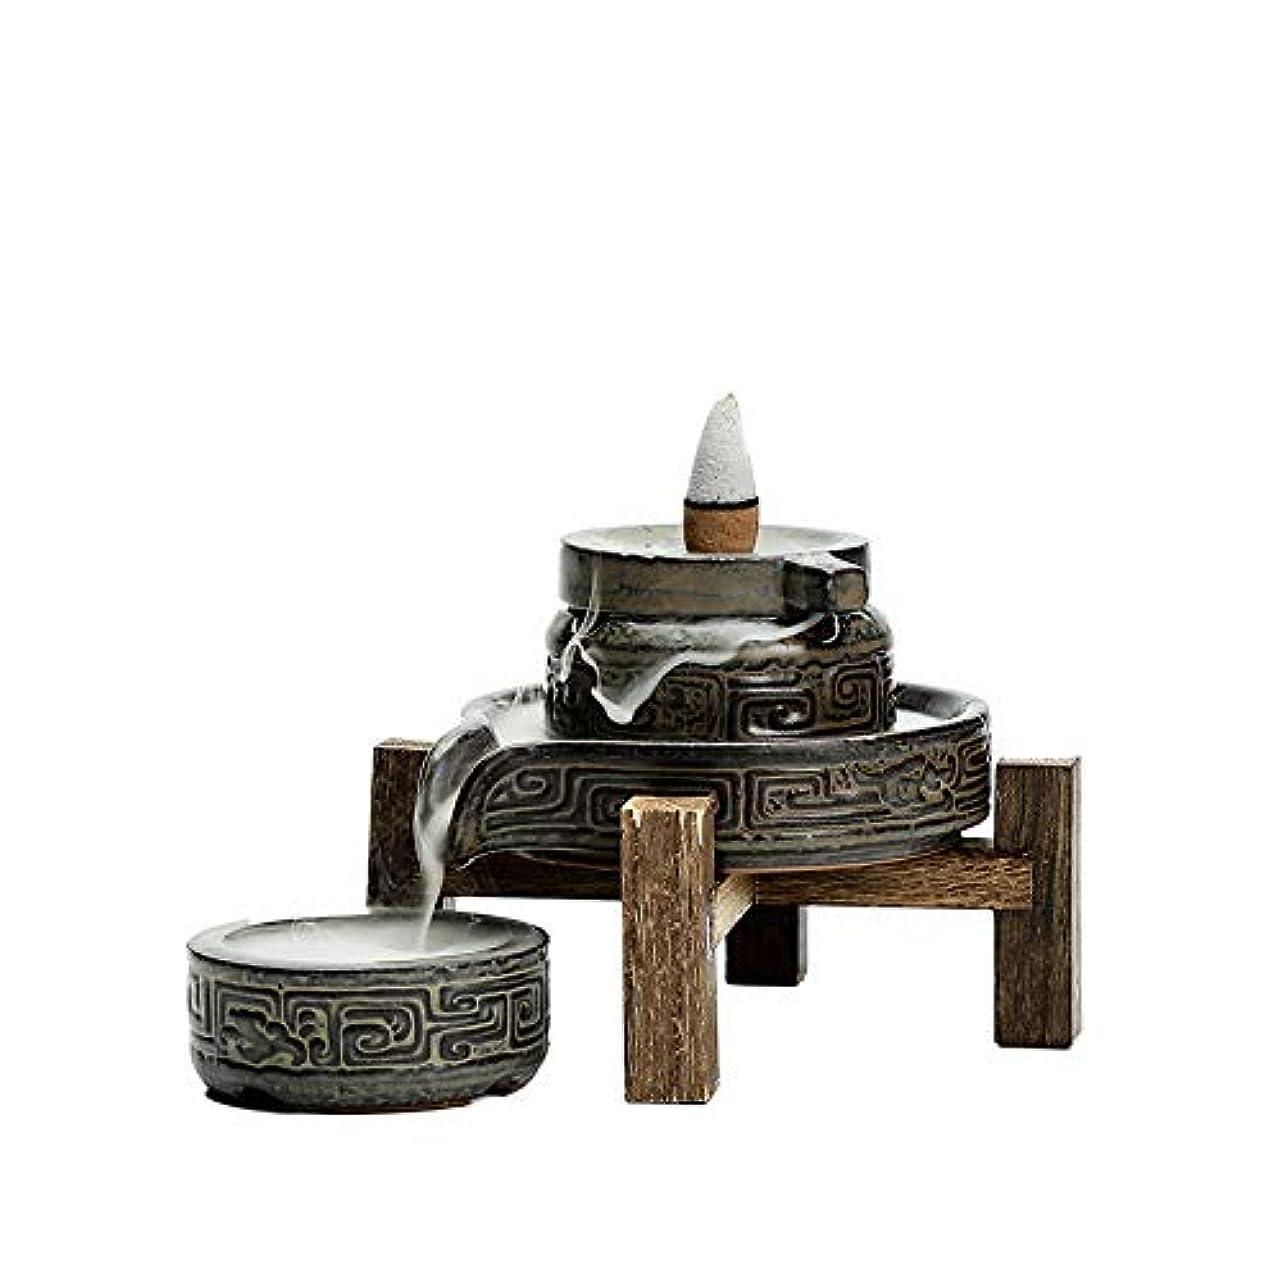 余裕がある発信押すPHILOGOD 香炉 陶器ストーンミルモデリング逆流香炉 香立て 手作りの装飾 香皿